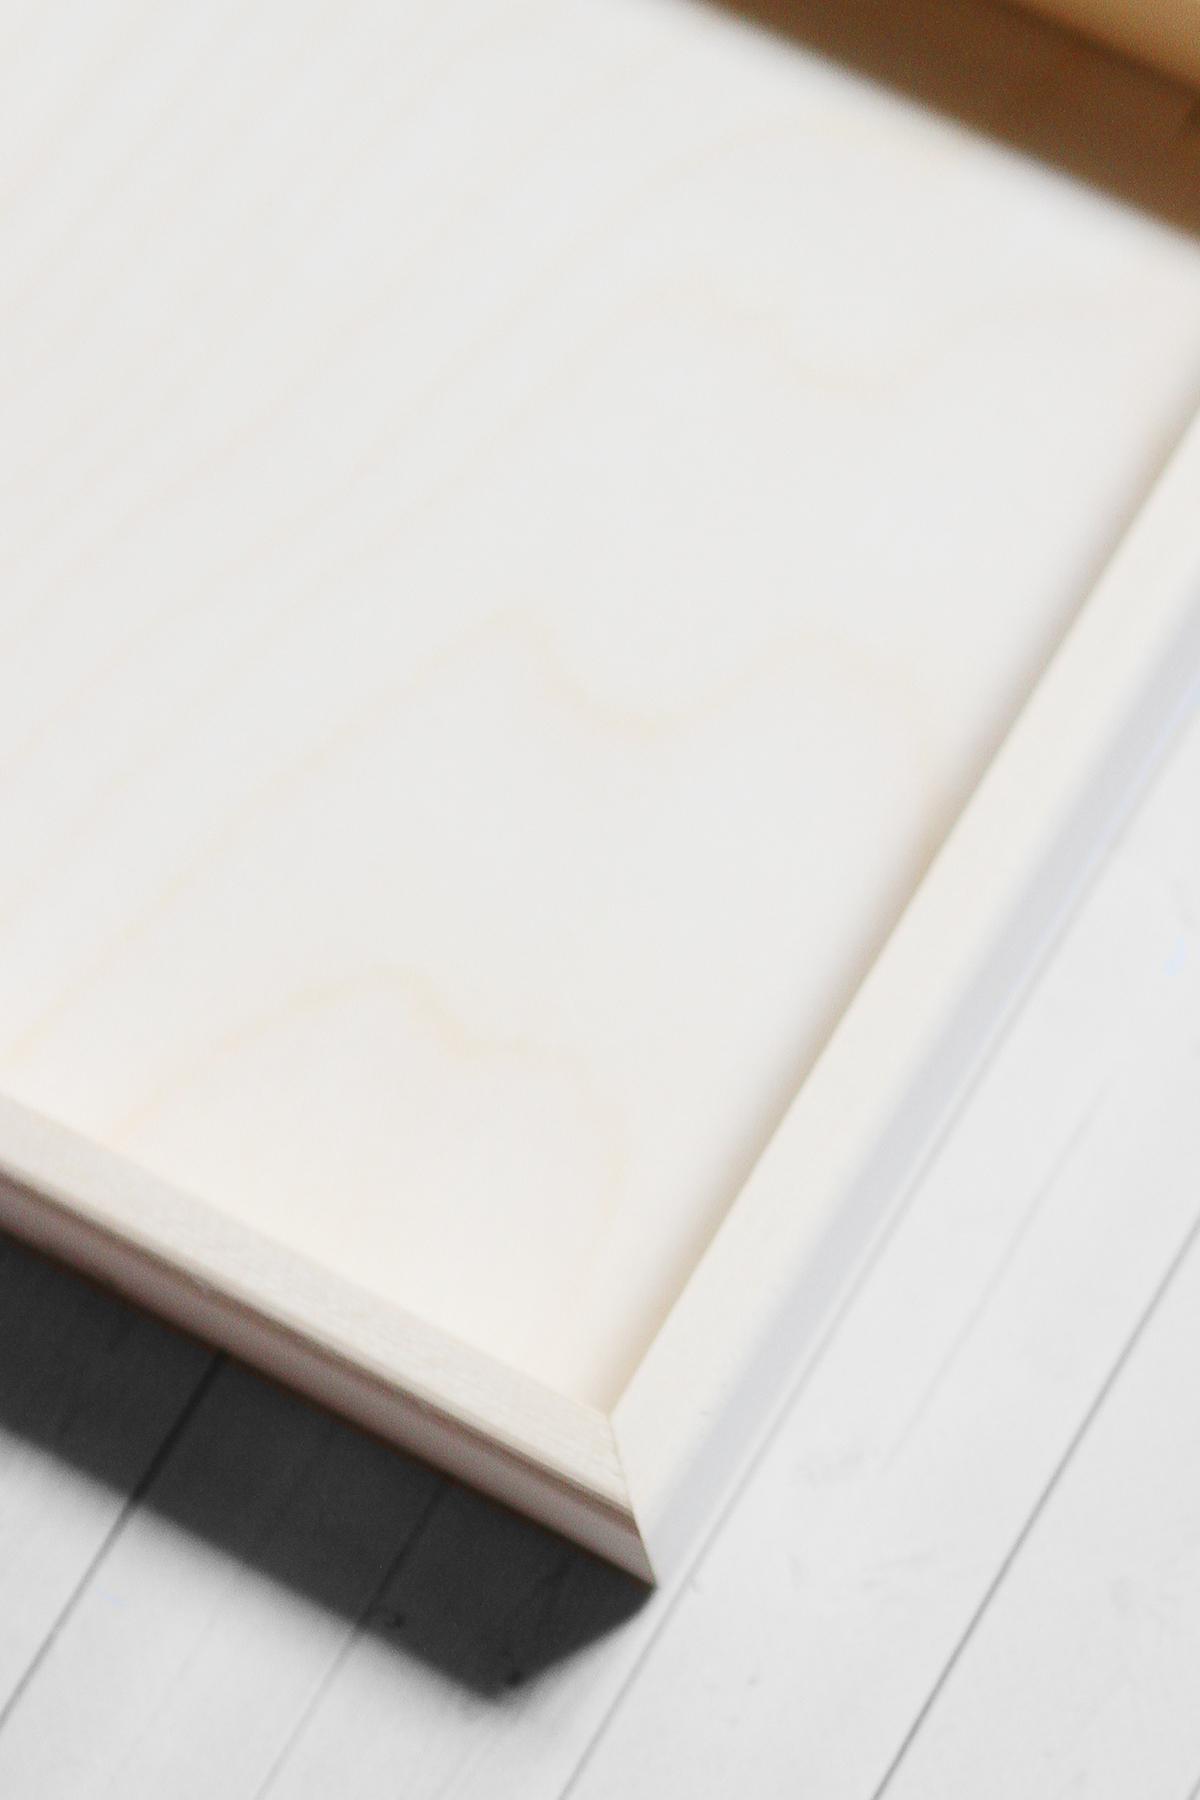 Вудбокс - короб для оформления 20*20*3 см